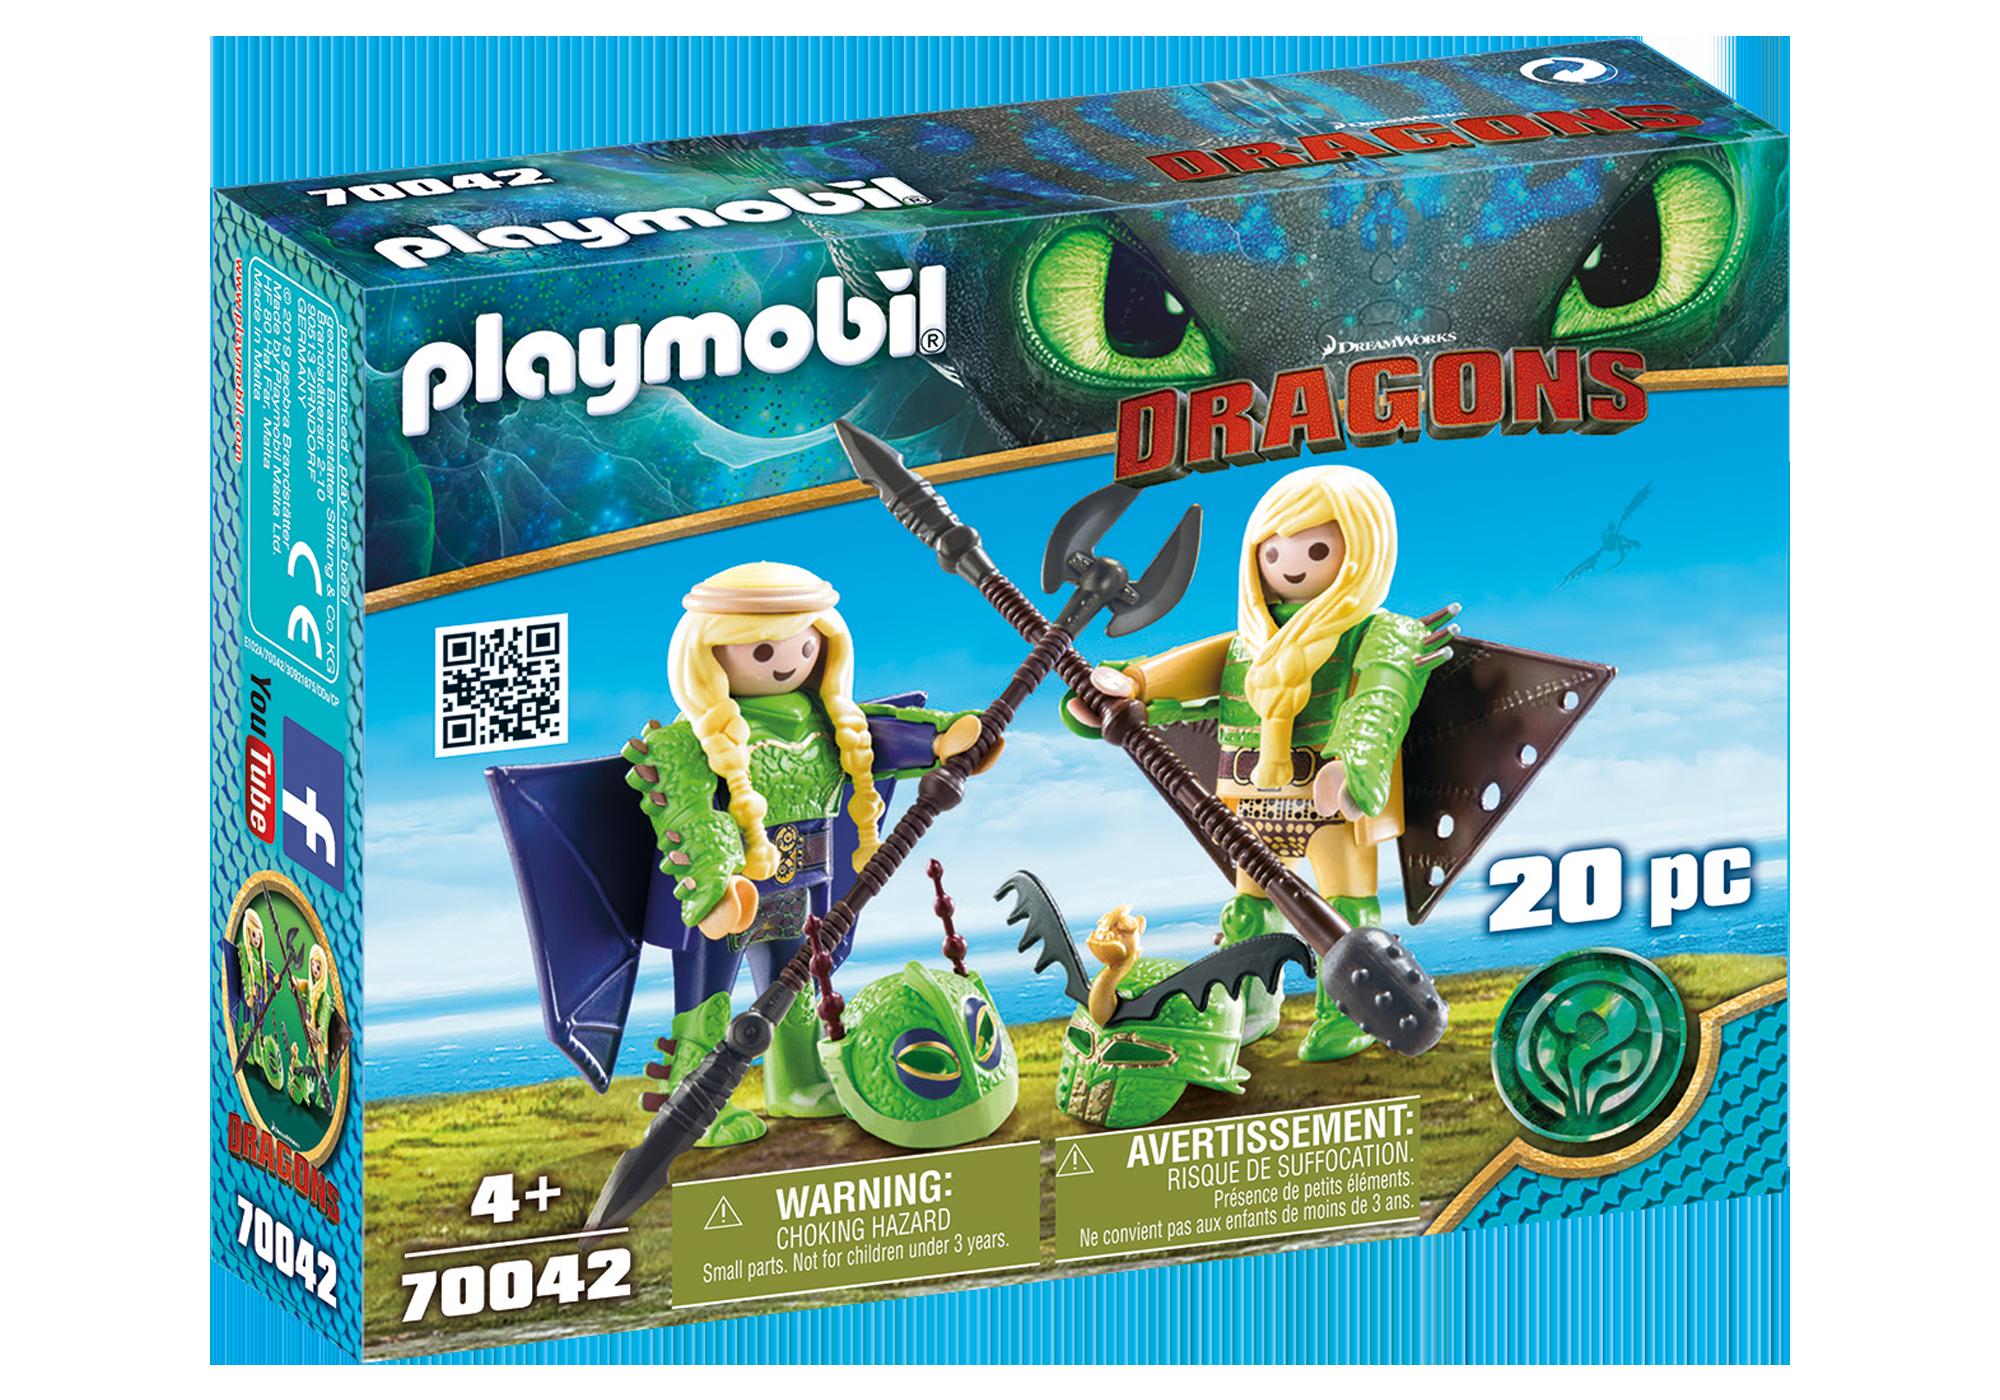 http://media.playmobil.com/i/playmobil/70042_product_box_front/Flåbuse och Flåbusa i flygdräkt